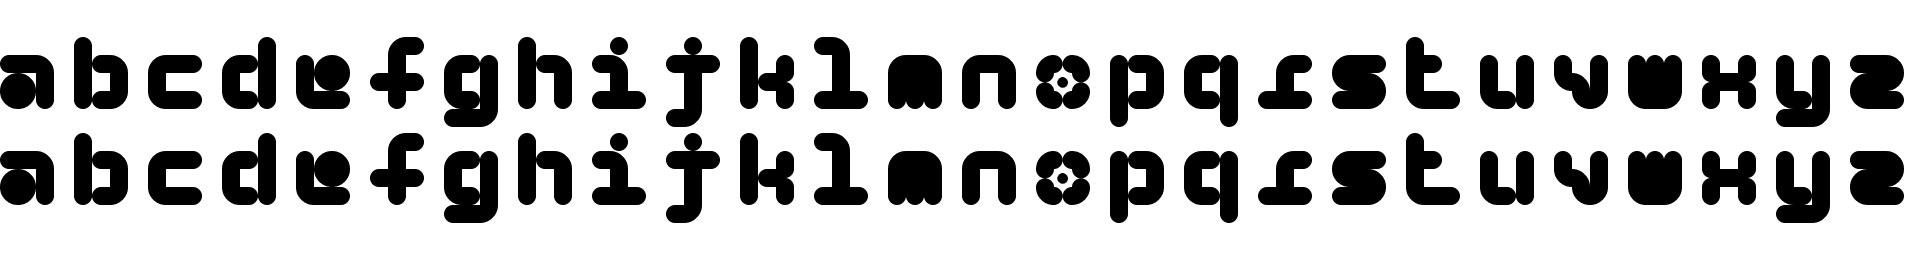 5Beans